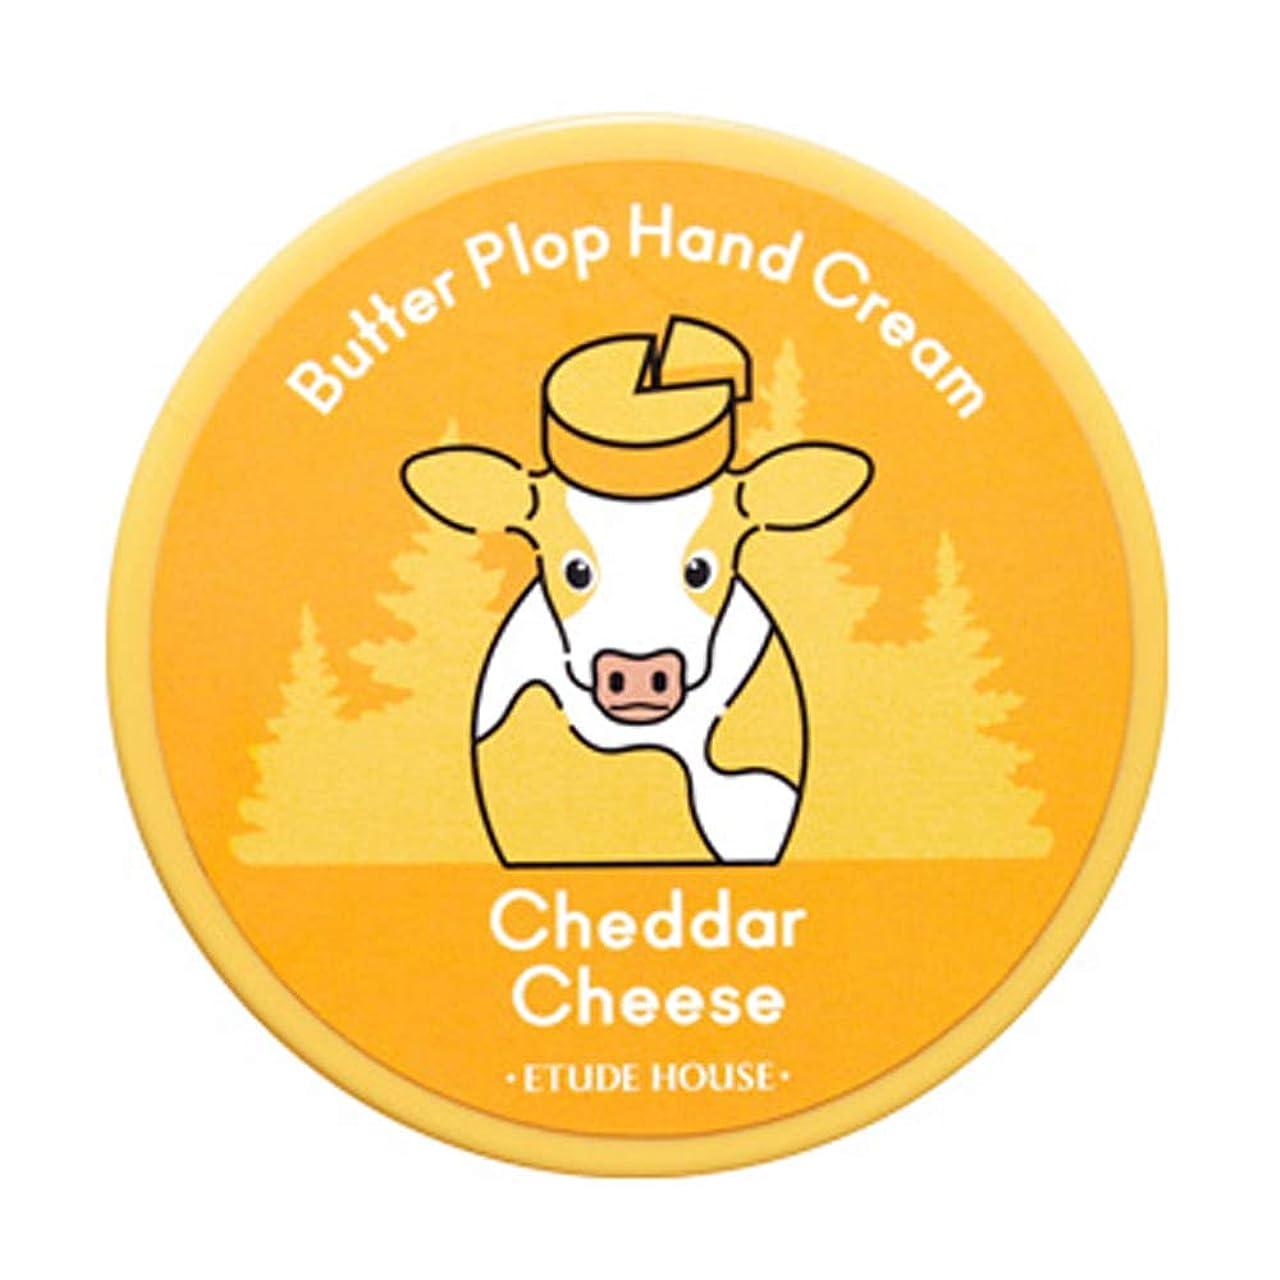 中国論争王女Etude House Butter Plop Hand Cream 25ml エチュードハウス バターぽちゃんハンドクリーム (#04 Cheddar Cheese) [並行輸入品]